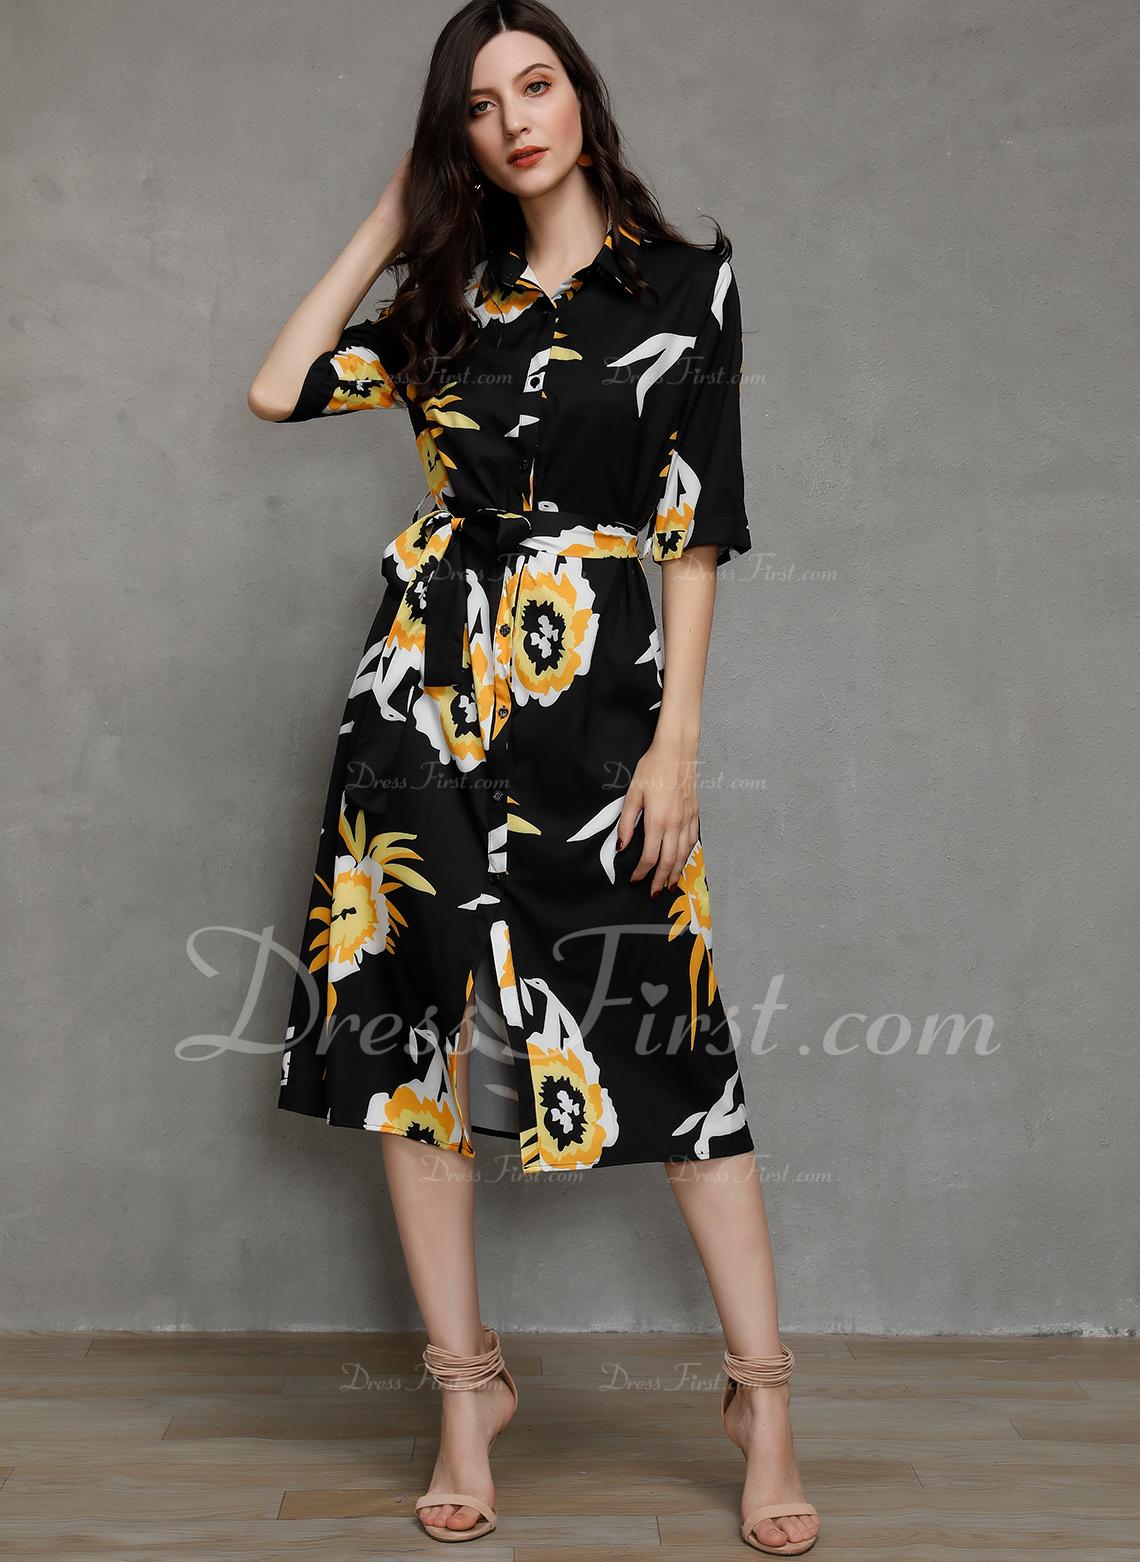 Blumen Druck A-Linien-Kleid 1/2 Ärmel Lange Ärmel Maxi Midi Lässige Kleidung Hemdkleider Modekleider